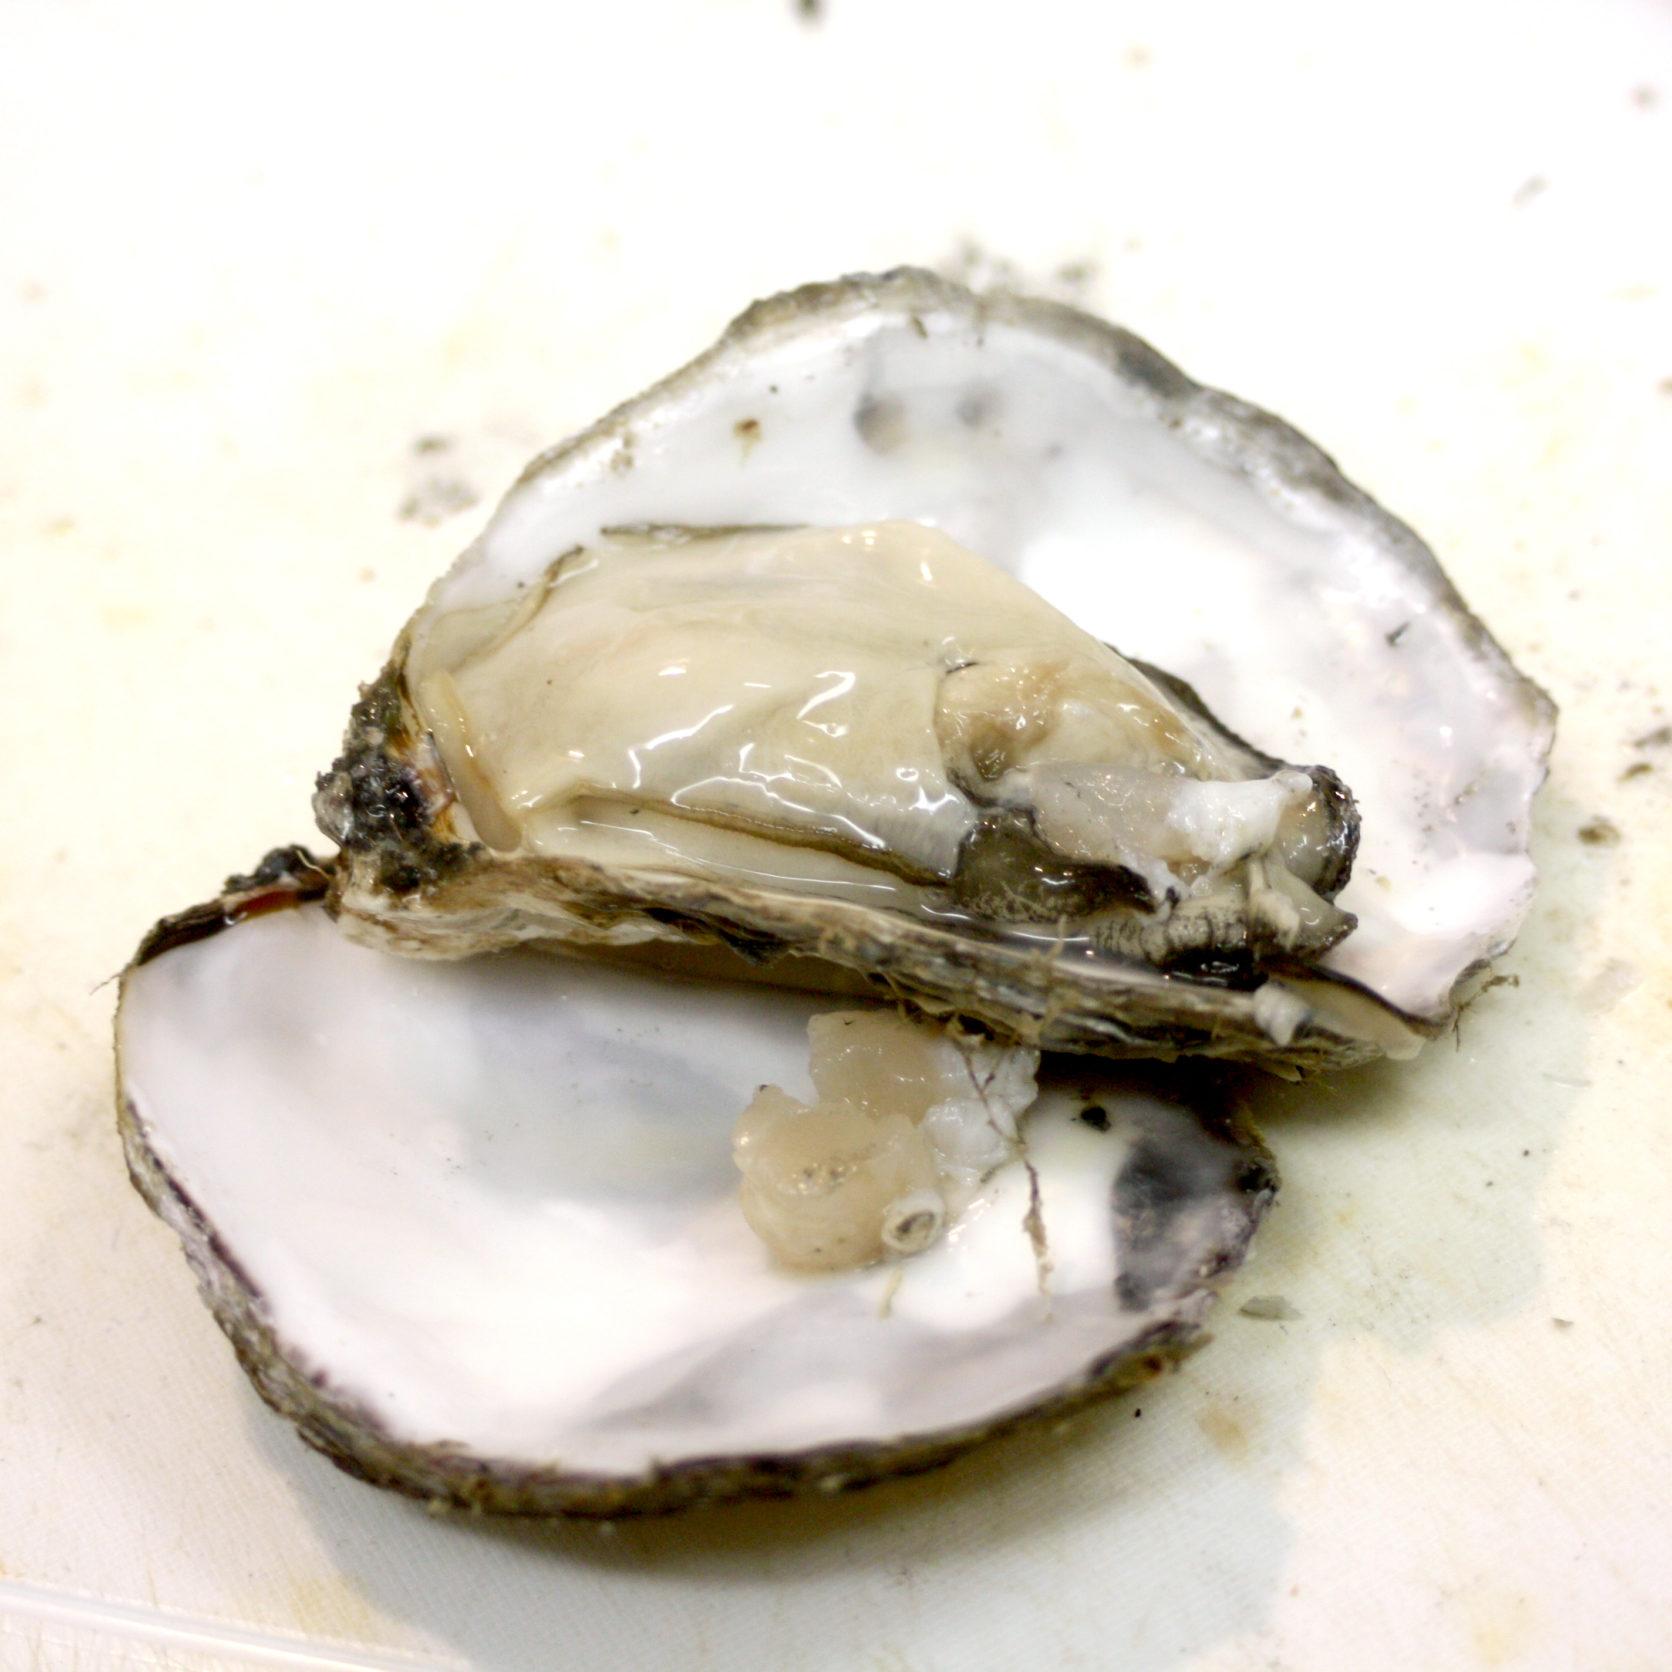 サルサソースでいただく。生牡蠣のカルパッチョレシピ